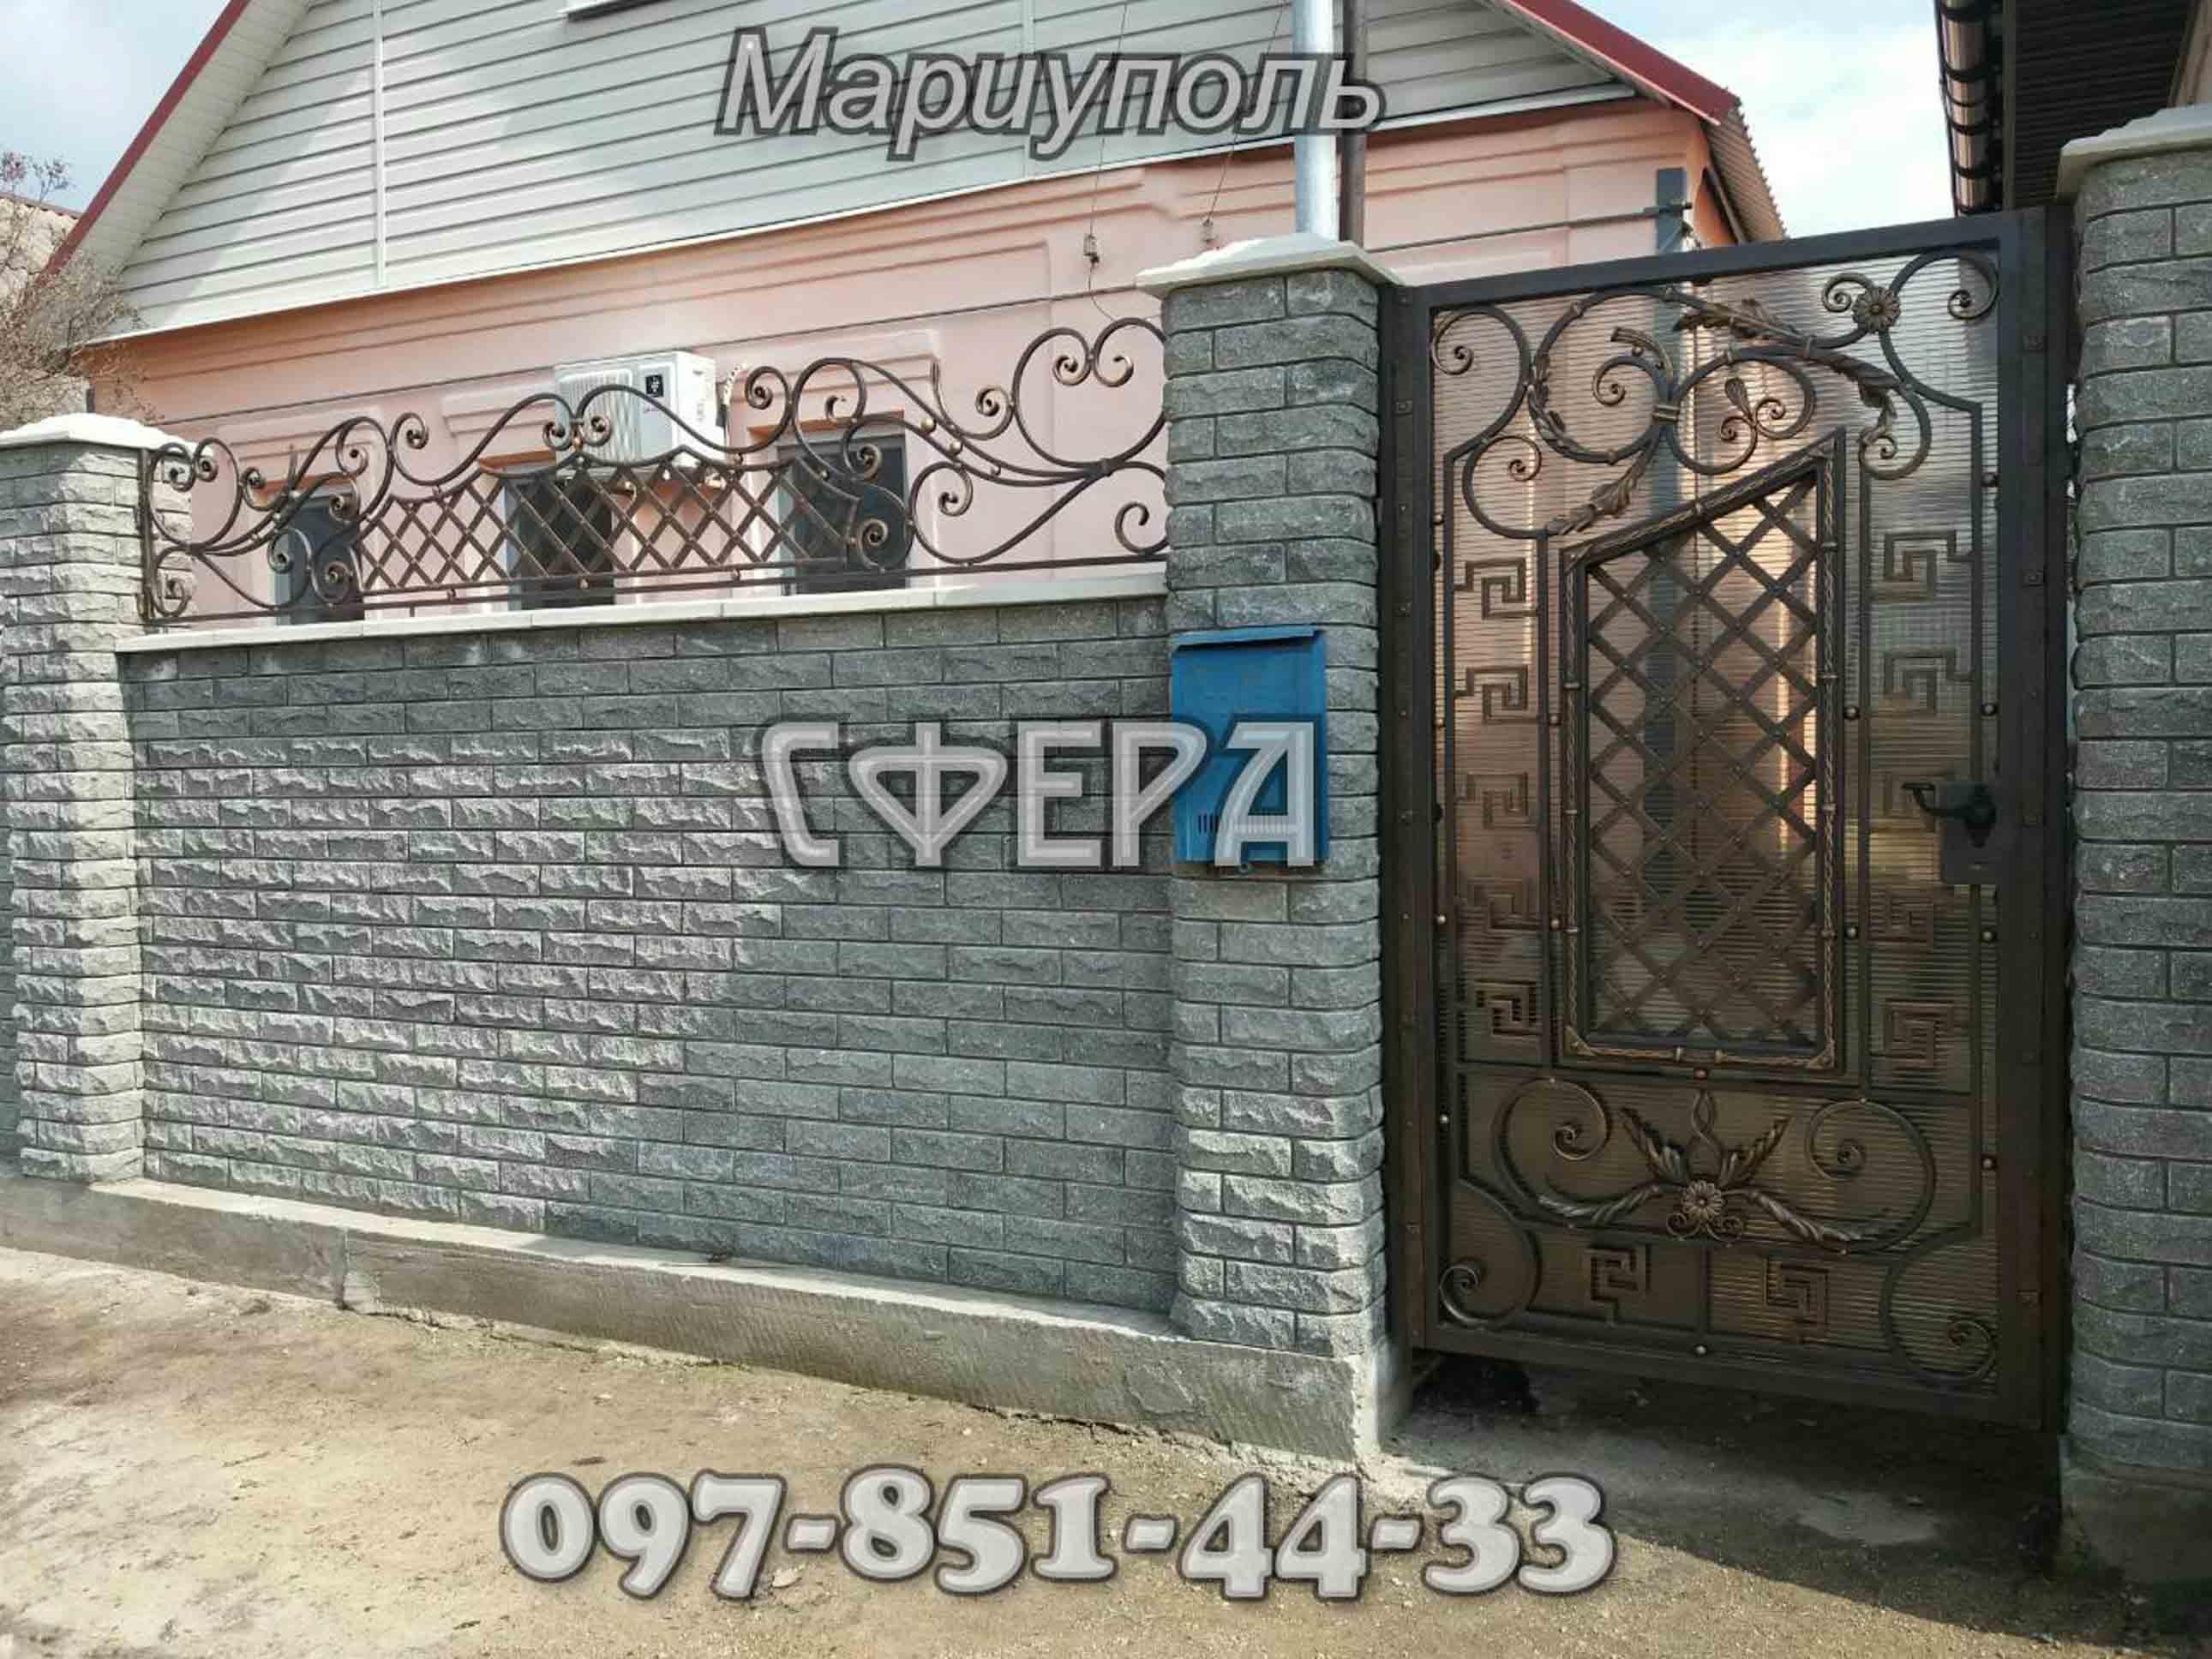 Заборы металлические, кованые, с профлиста, блок-хаус, решетчатые. фото 5